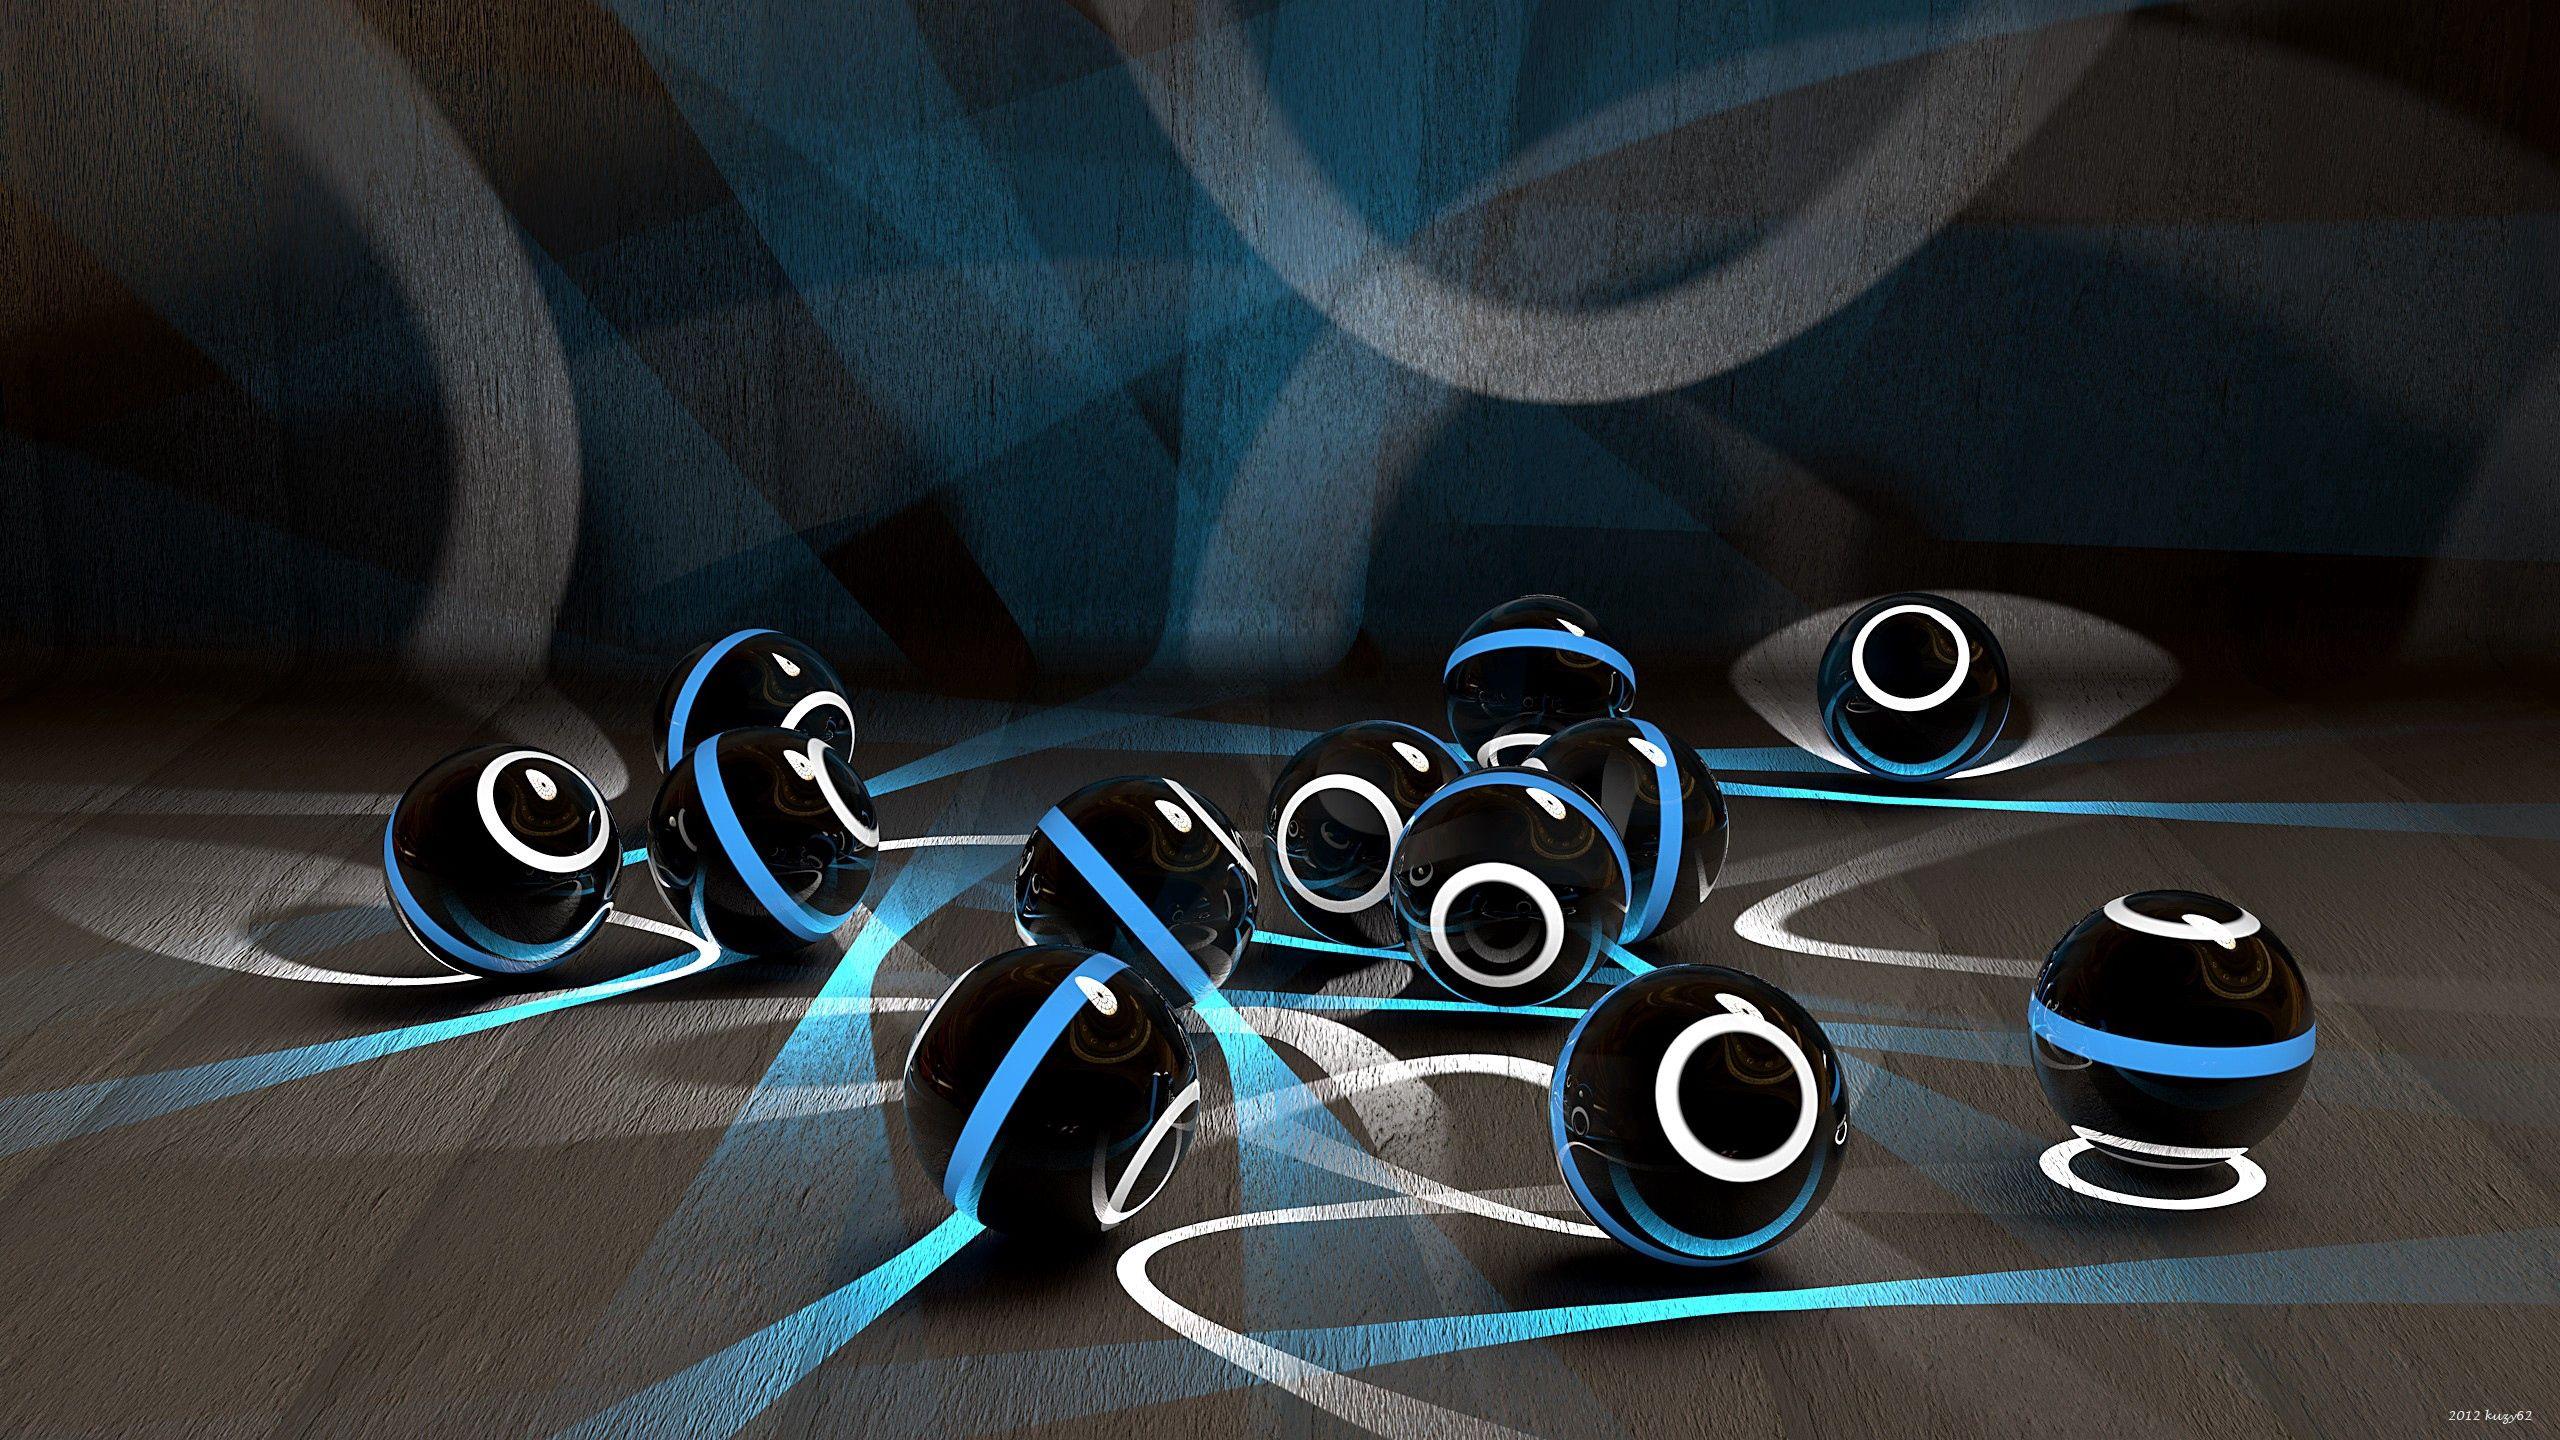 112772 Hintergrundbild herunterladen Kreise, Hell, 3D, Oberfläche, Streifen, Bälle - Bildschirmschoner und Bilder kostenlos